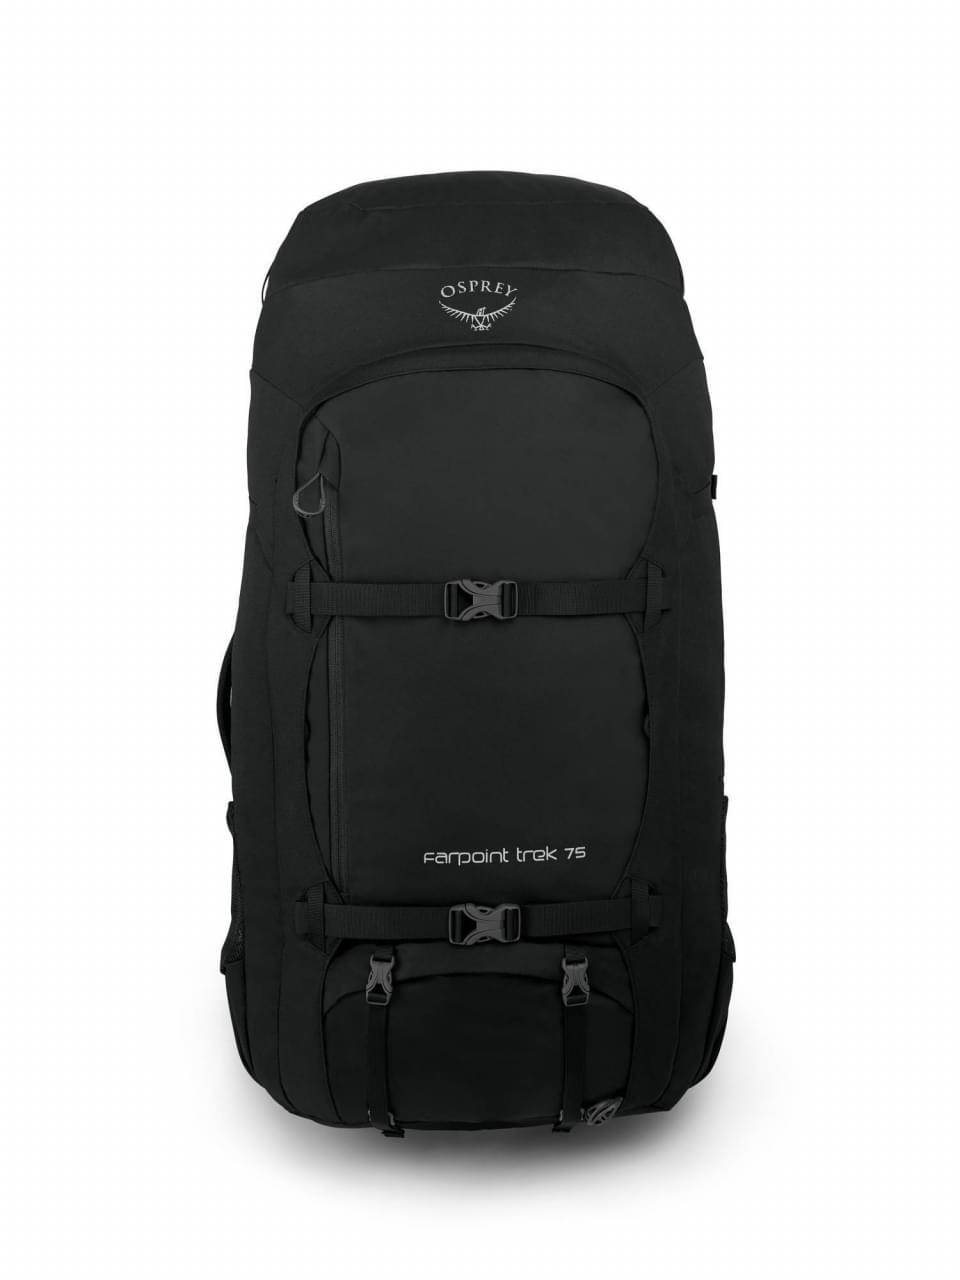 Osprey Farpoint Trek 75 Rugzak - Zwart